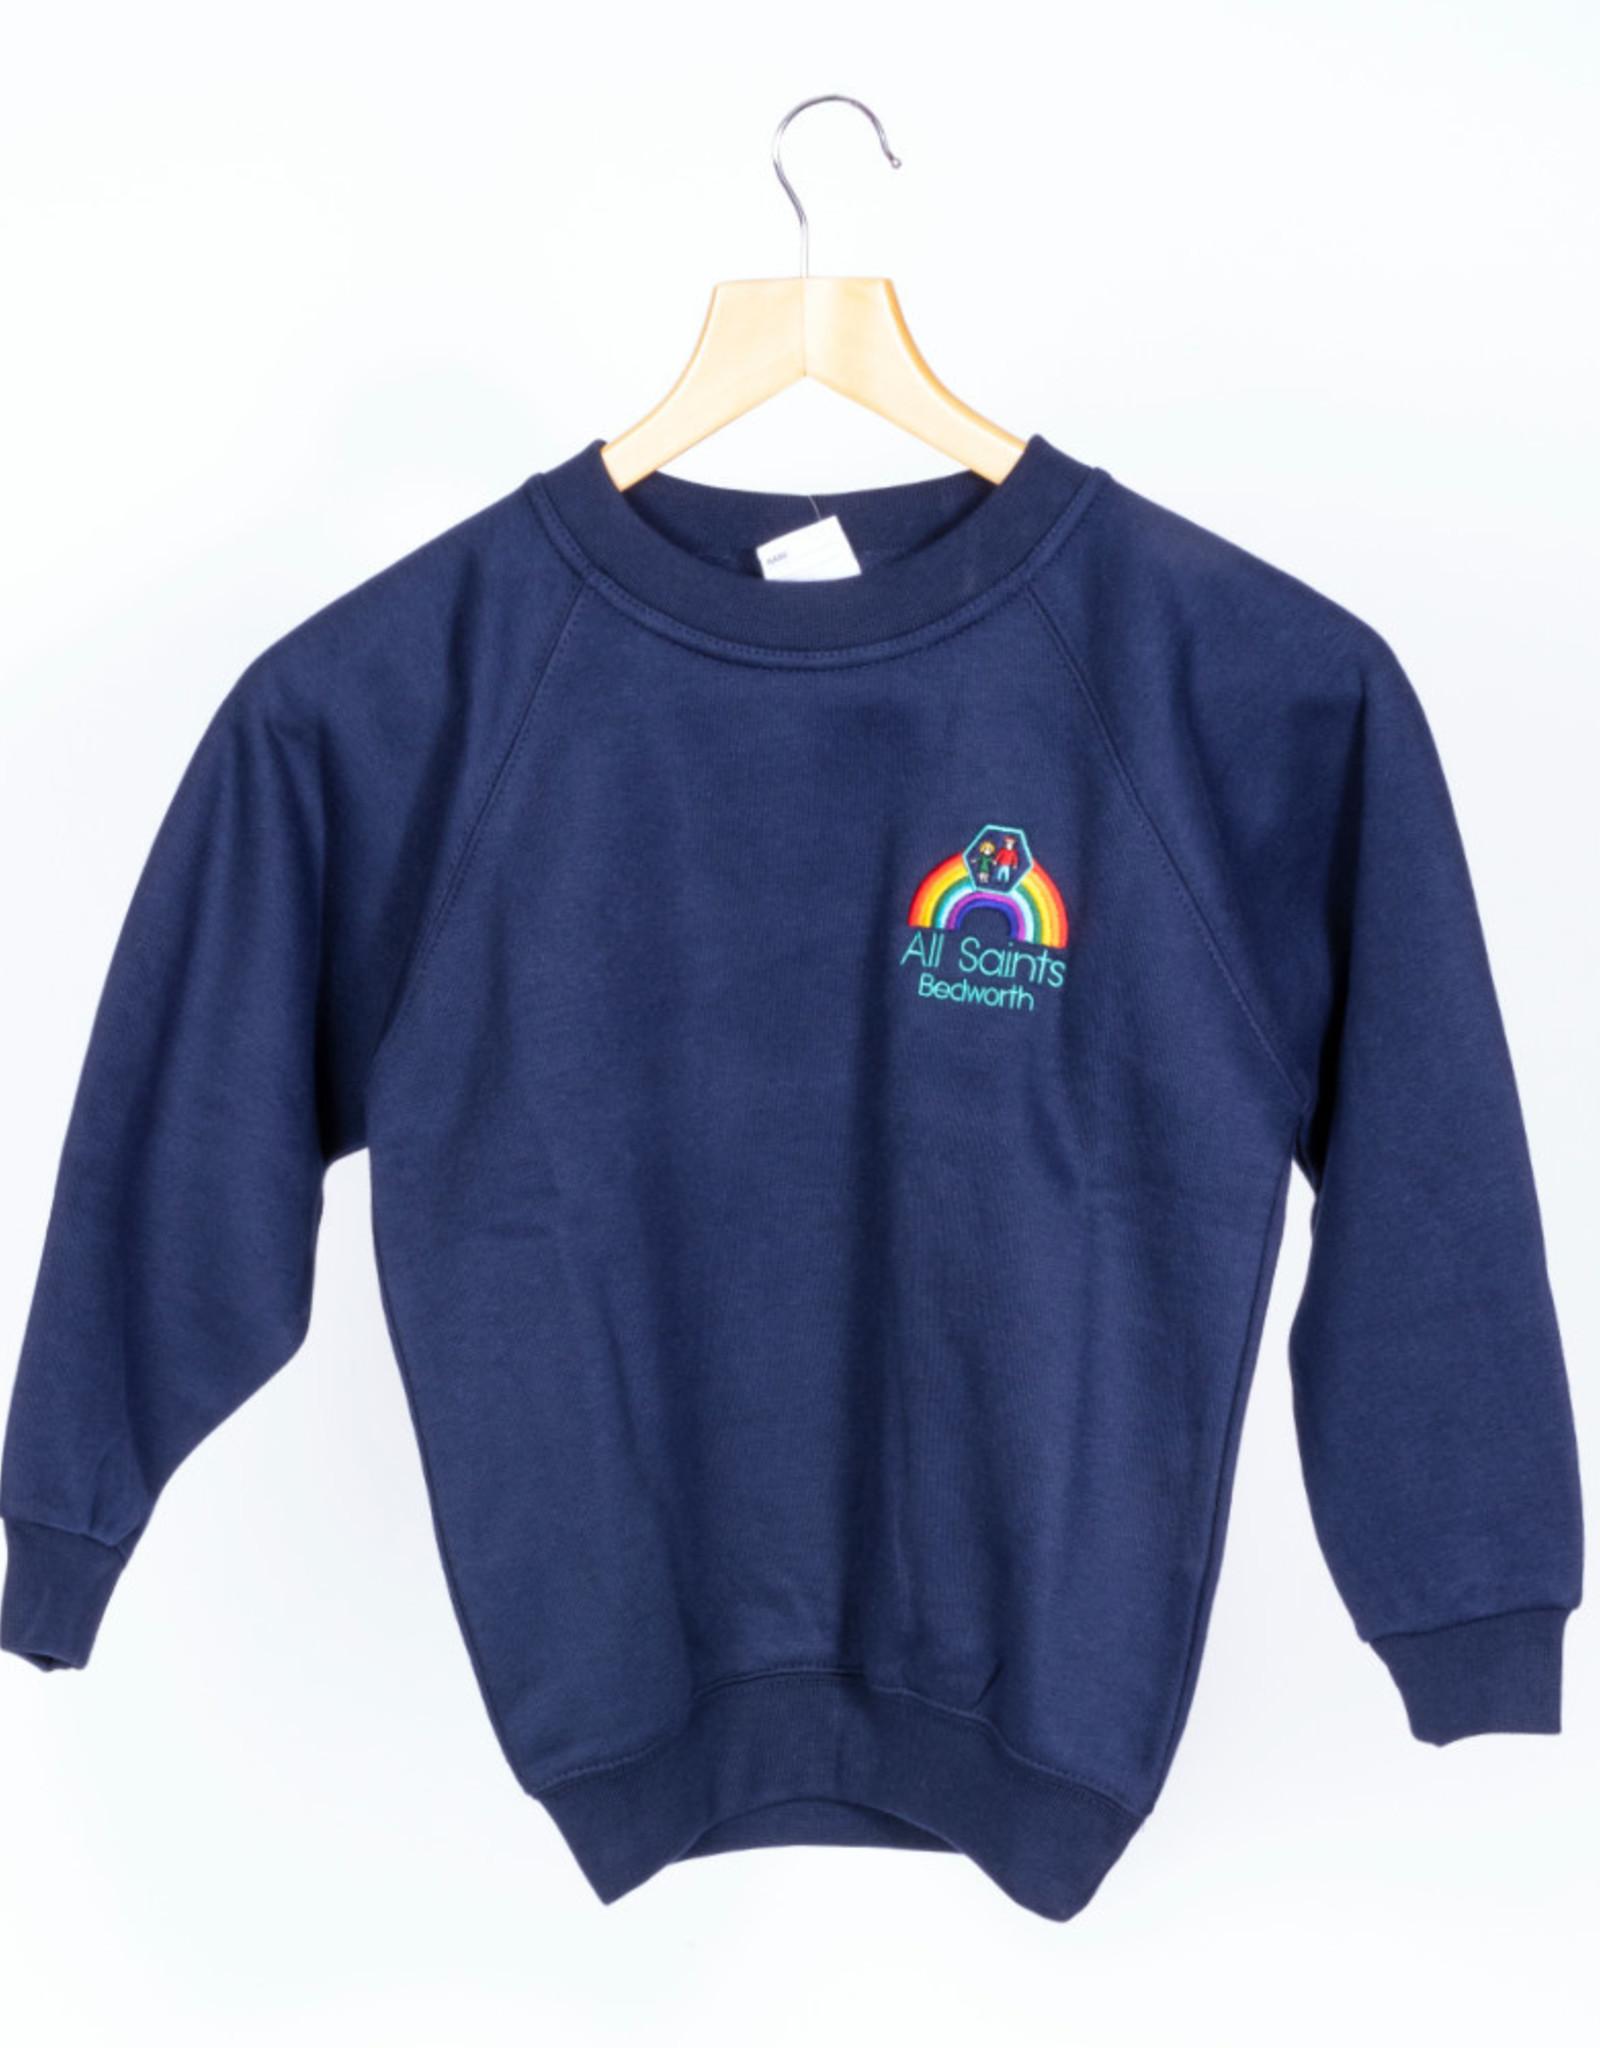 Round-Neck Sweatshirt Child Size - All Saints